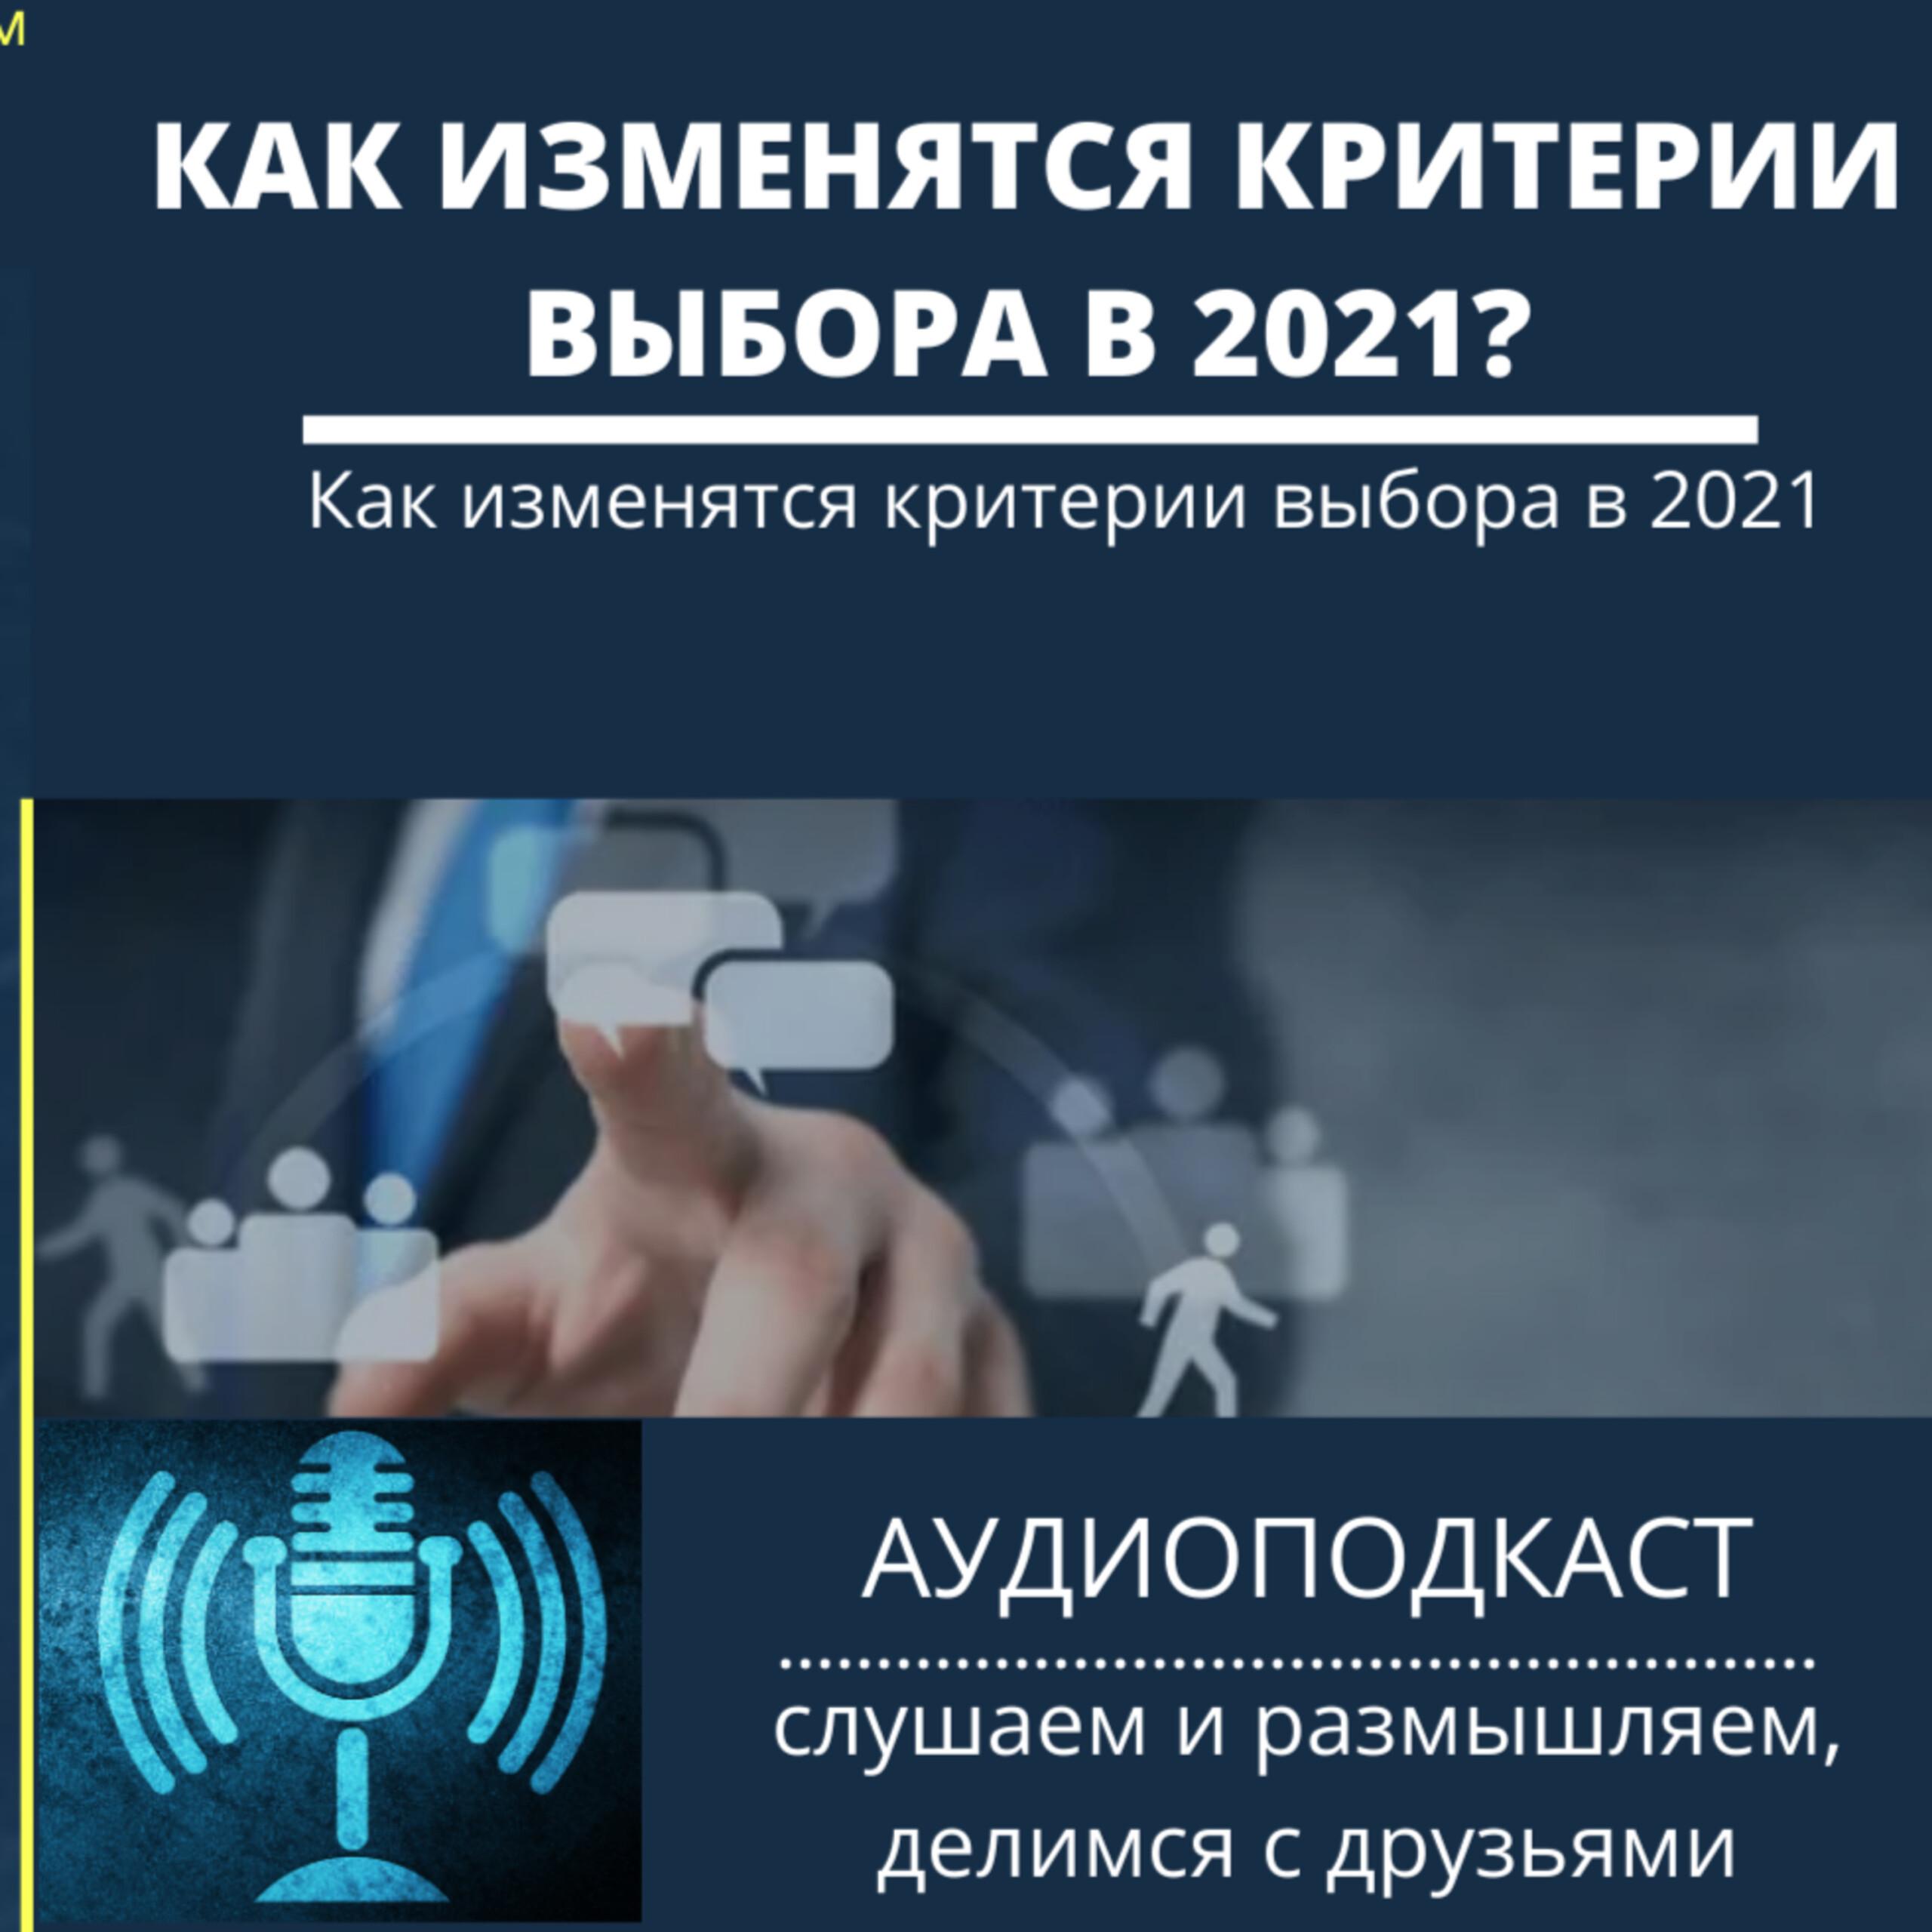 Как изменятся критерии выбора в 2021